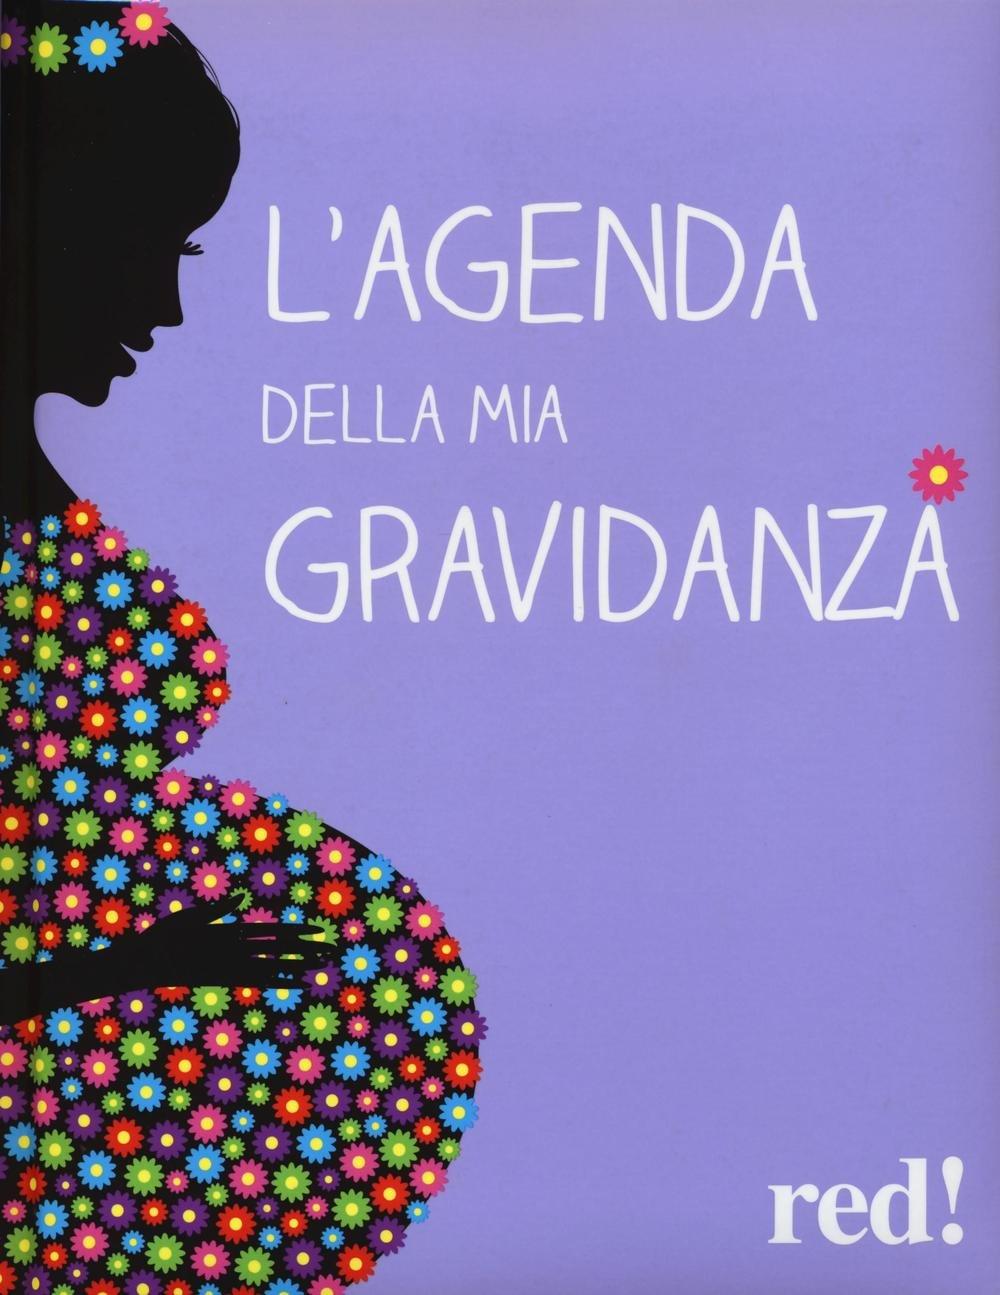 Agenda della gravidanza: un regalo perfetto per la futura mamma